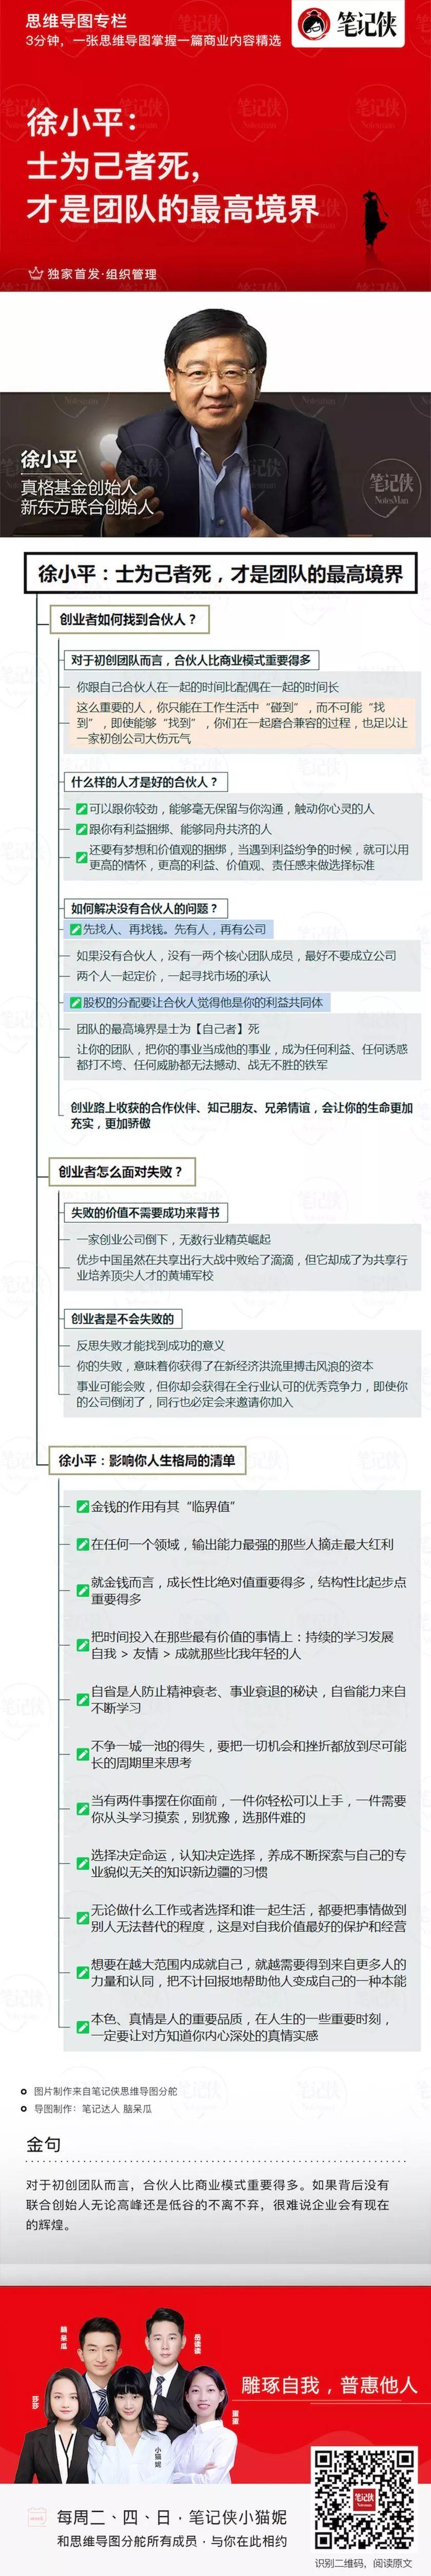 徐小平:士为知己者死,才是团队的最高境界